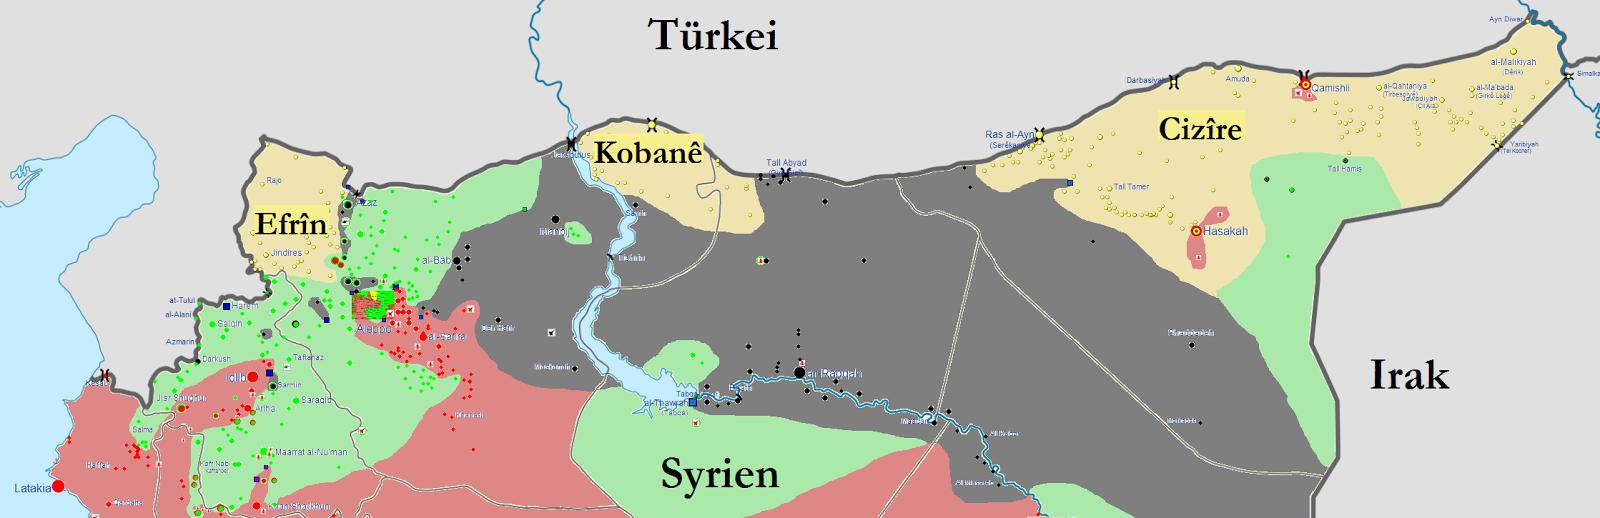 http://www.kritisches-netzwerk.de/sites/default/files/u17/Syrien_1_Syria_Rojava_Kobane_Cizire_Afrin_Kurden_Kurdistan_Tuerkei_Turkey_Aleppo_Suruc_IS_Islamischer_Staat_ISIS_PKK_Abdullah_Oecalan_YPG_Erdogan_Irak_Iraq_Civaka_Azad_Ain%20al-Arab.png